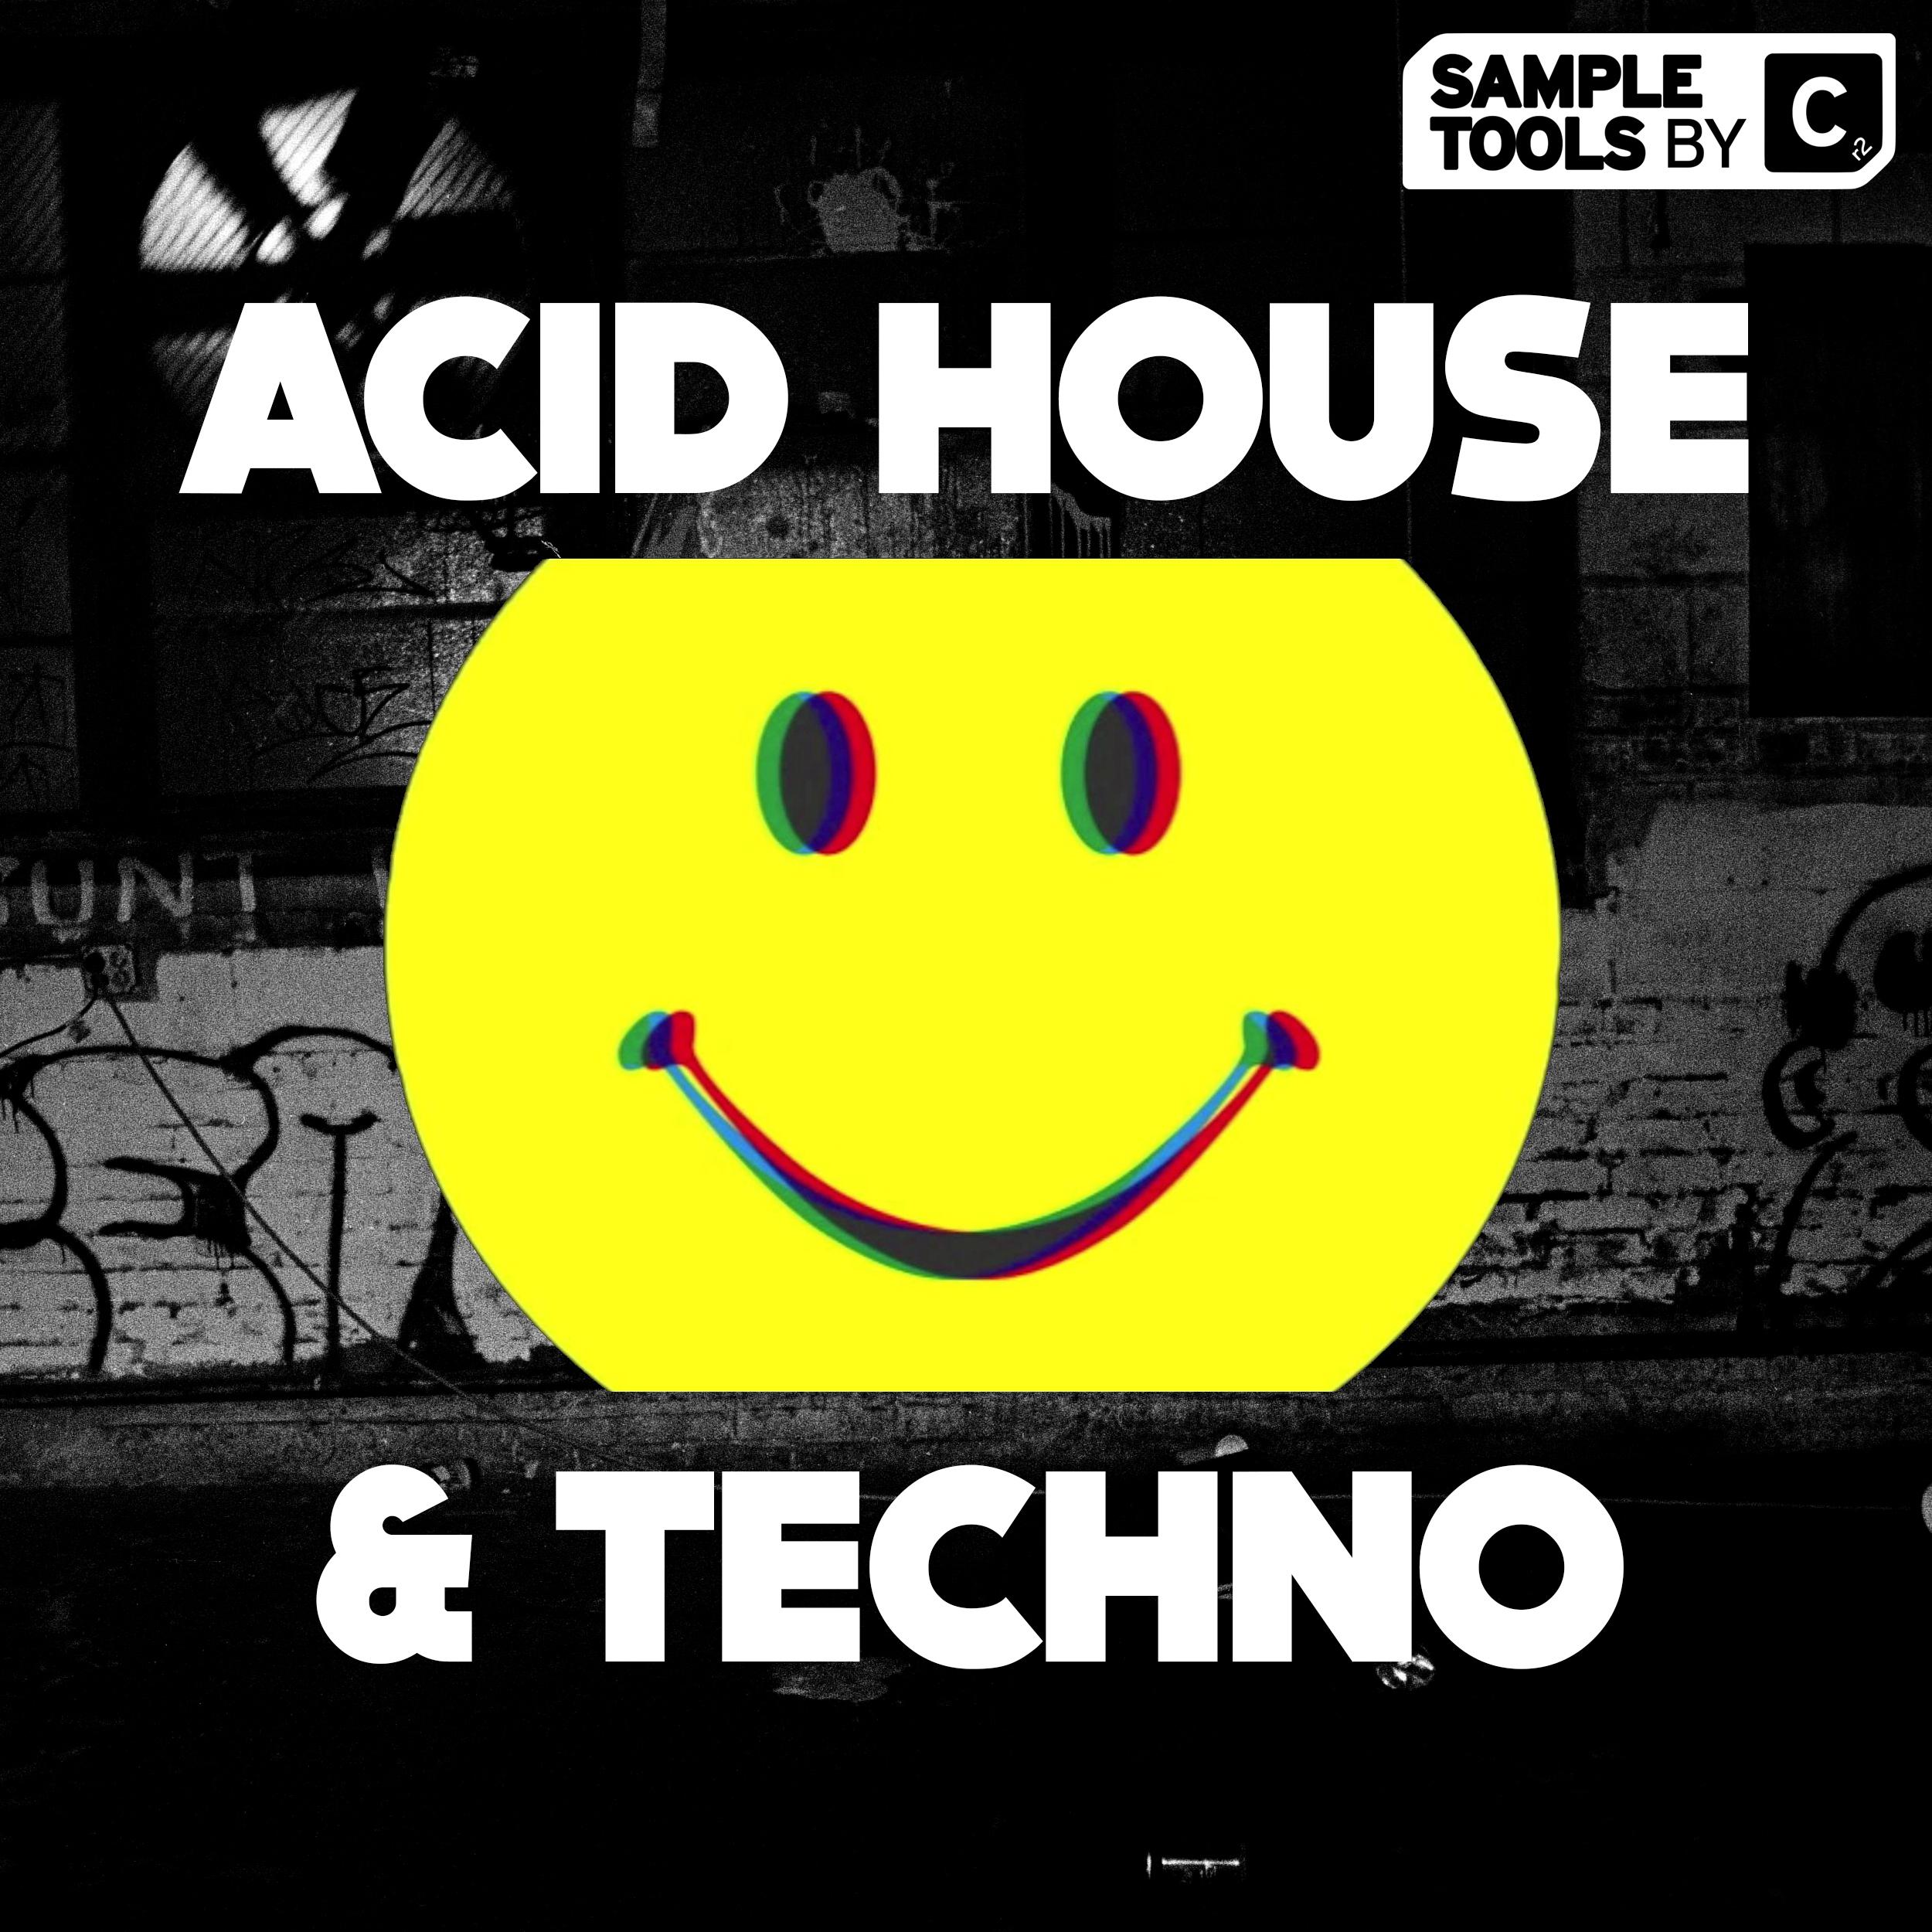 Acid House & TechnoAcid House & Techno